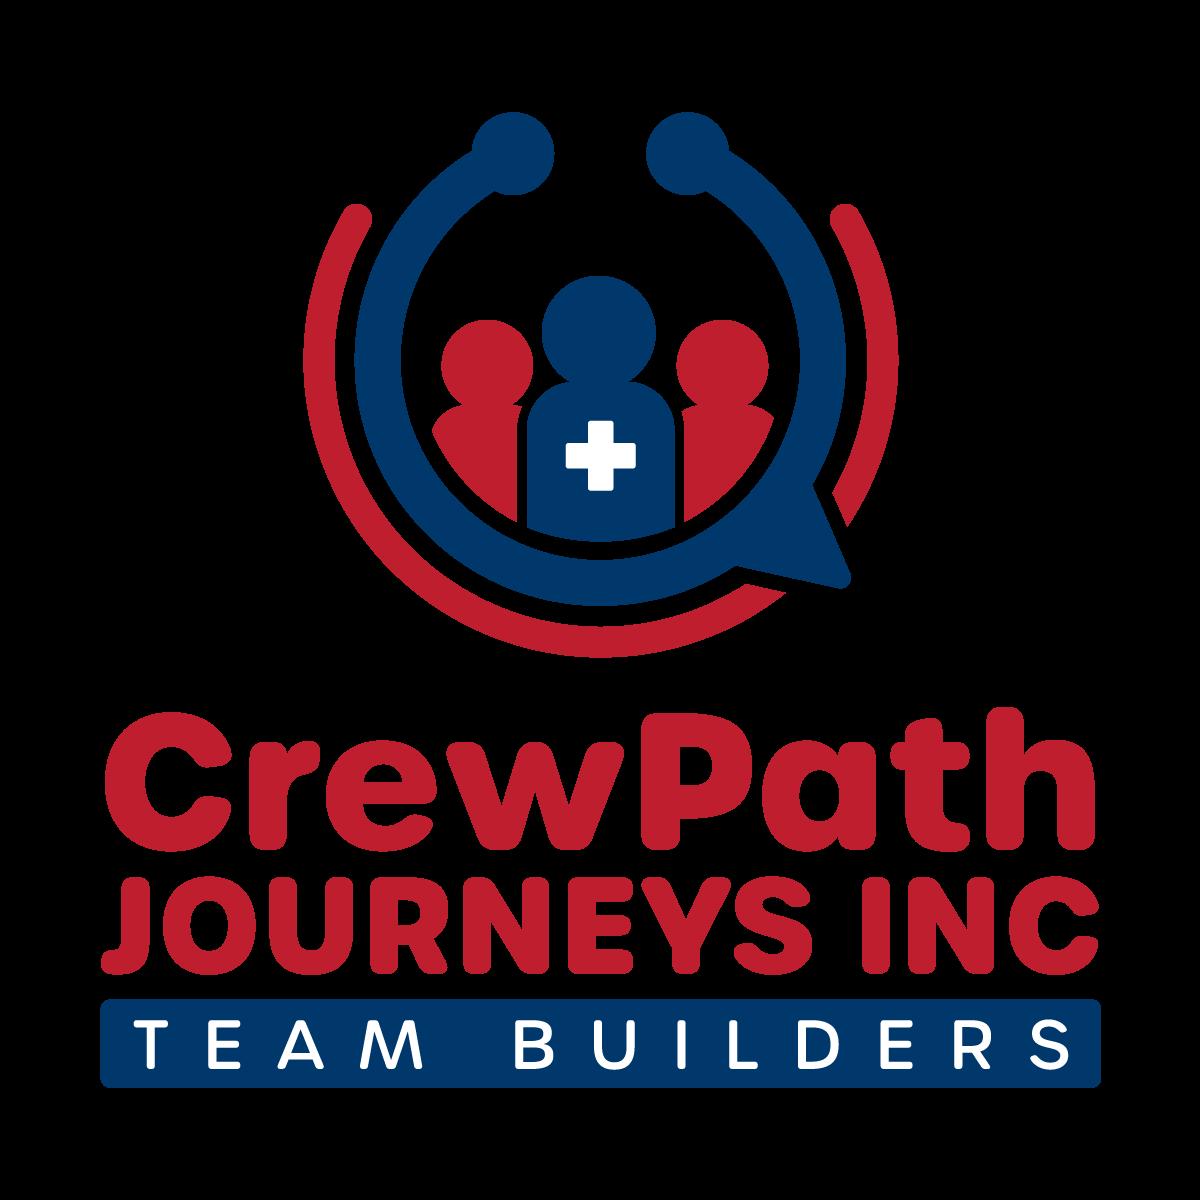 CrewPath Journeys